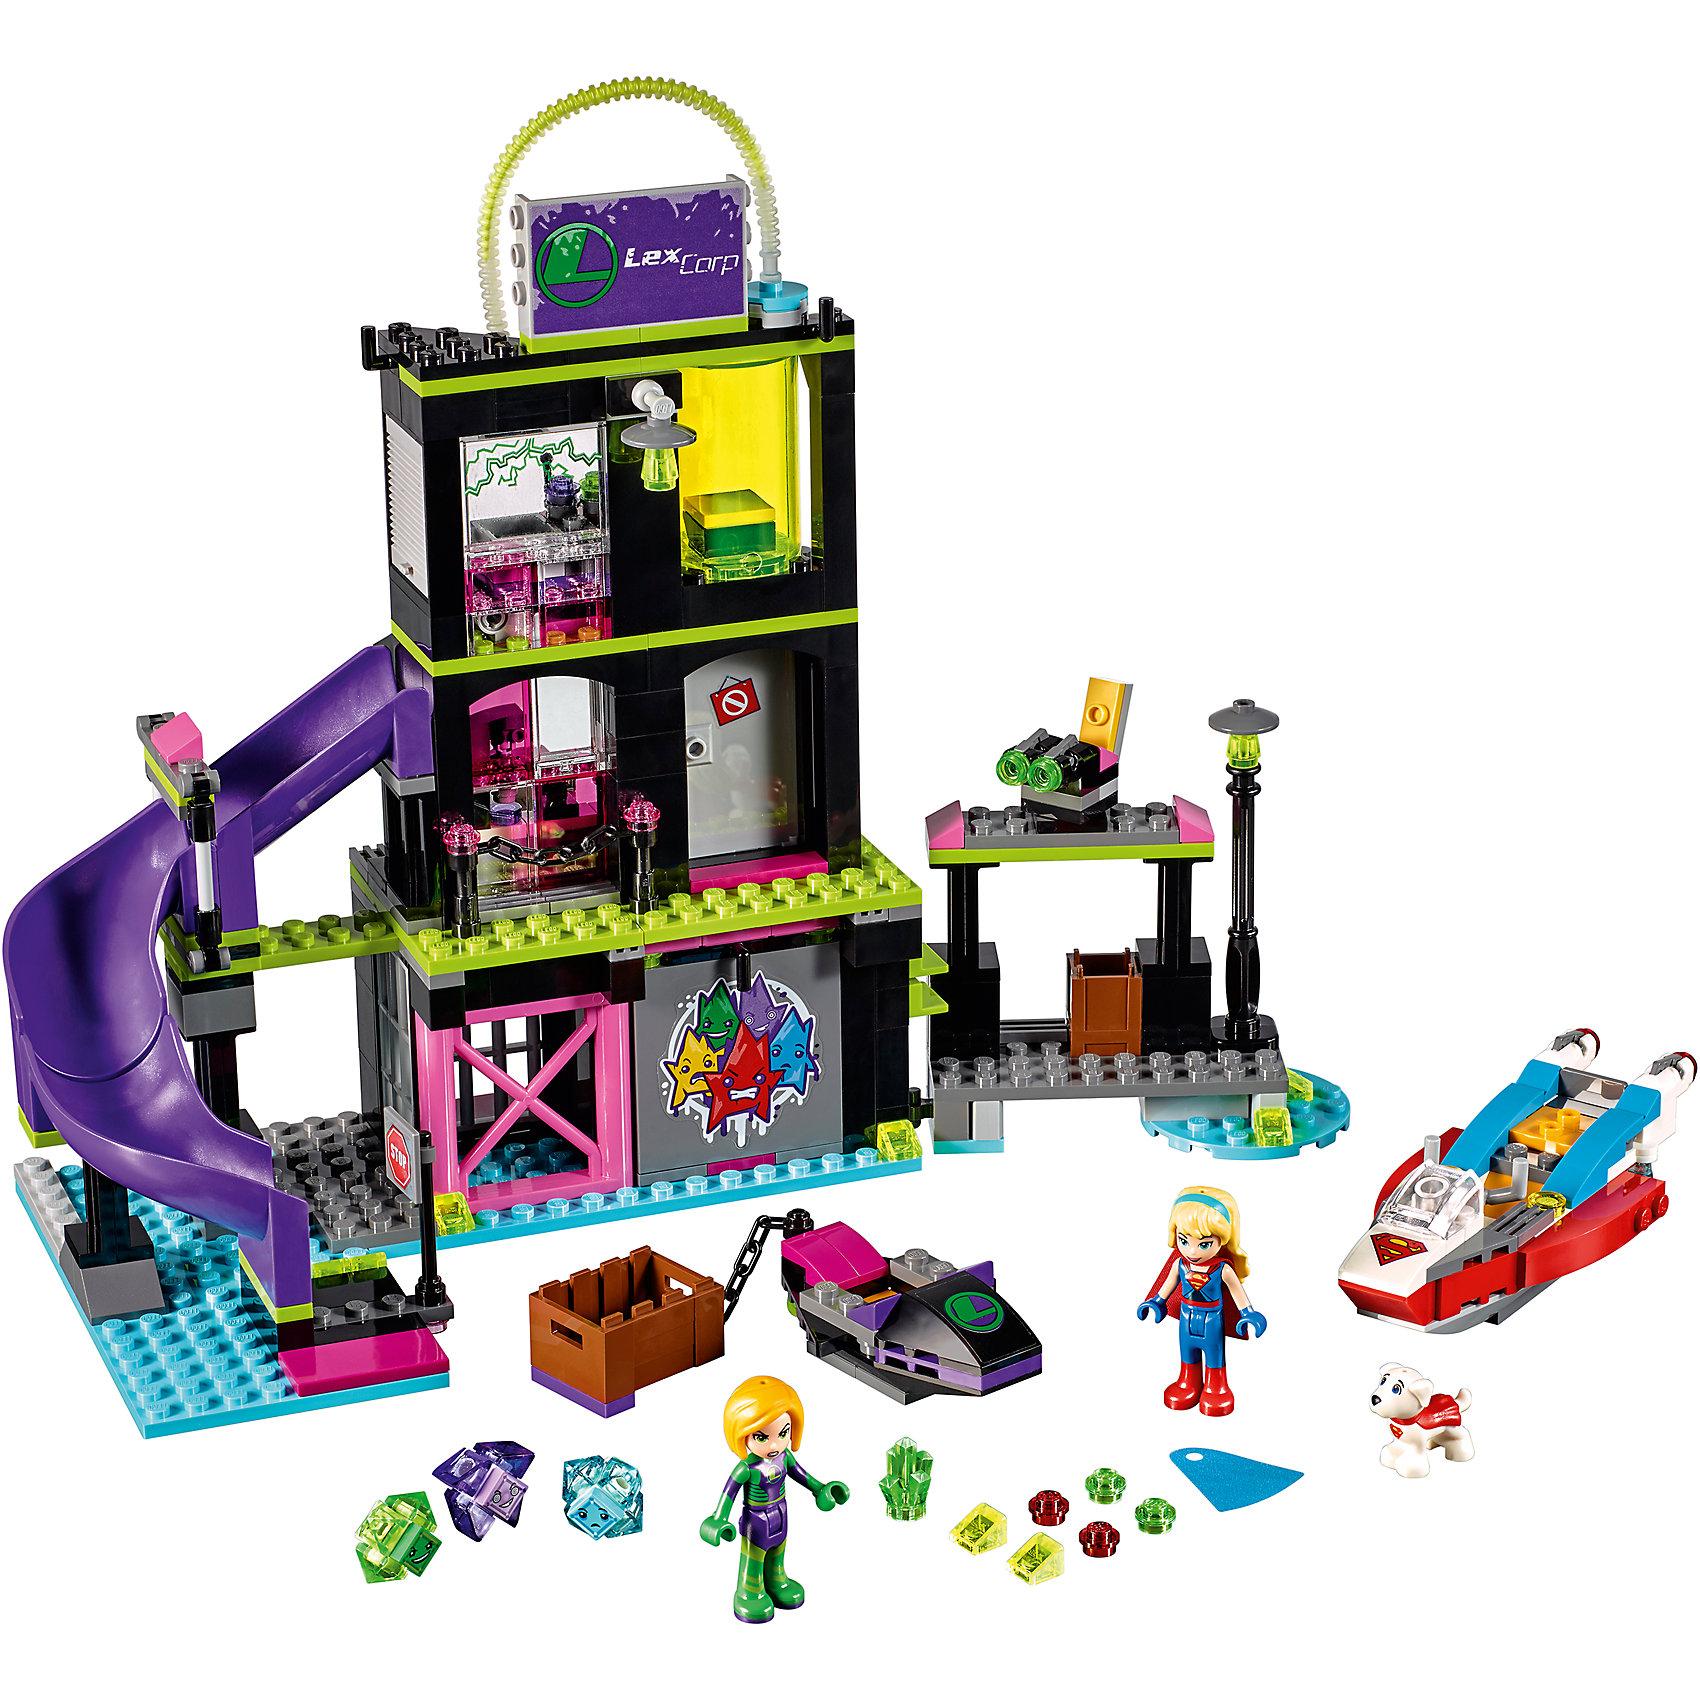 Конструктор Lego DC Super Girls 41238: Фабрика Криптомитов Лены ЛюторПластмассовые конструкторы<br>Характеристики товара:<br><br>• возраст: от 7 лет;<br>• материал: пластик;<br>• в комплекте: 432 детали;<br>• количество минифигурок: 2<br>• размер упаковки: 38,2х26,2х7 см;<br>• вес упаковки: 800 гр.;<br>• страна производитель: Китай.<br><br>Конструктор Lego DC Super Girls «Фабрика Криптомитов Лены Лютор» создан по мотивам вселенной DC Comics. Из деталей конструктора предстоит собрать фигурку злодейки Лены Лютор и ее фабрику по производству Криптомитов. Криптомиты — маленькие существа, созданные из пыли криптона и способные уменьшать силы известных супергероинь. На фабрике имеются наблюдательный пункт и клетка для заложников.<br><br>С персонажами девочка сможет придумать свои собственные сюжеты для игры. Сборка конструктора развивает у детей внимательность, усидчивость, мелкую моторику рук.<br><br>Конструктор Lego DC Super Girls «Фабрика Криптомитов Лены Лютор» можно приобрести в нашем интернет-магазине.<br><br>Ширина мм: 382<br>Глубина мм: 262<br>Высота мм: 71<br>Вес г: 808<br>Возраст от месяцев: 84<br>Возраст до месяцев: 2147483647<br>Пол: Женский<br>Возраст: Детский<br>SKU: 5620036